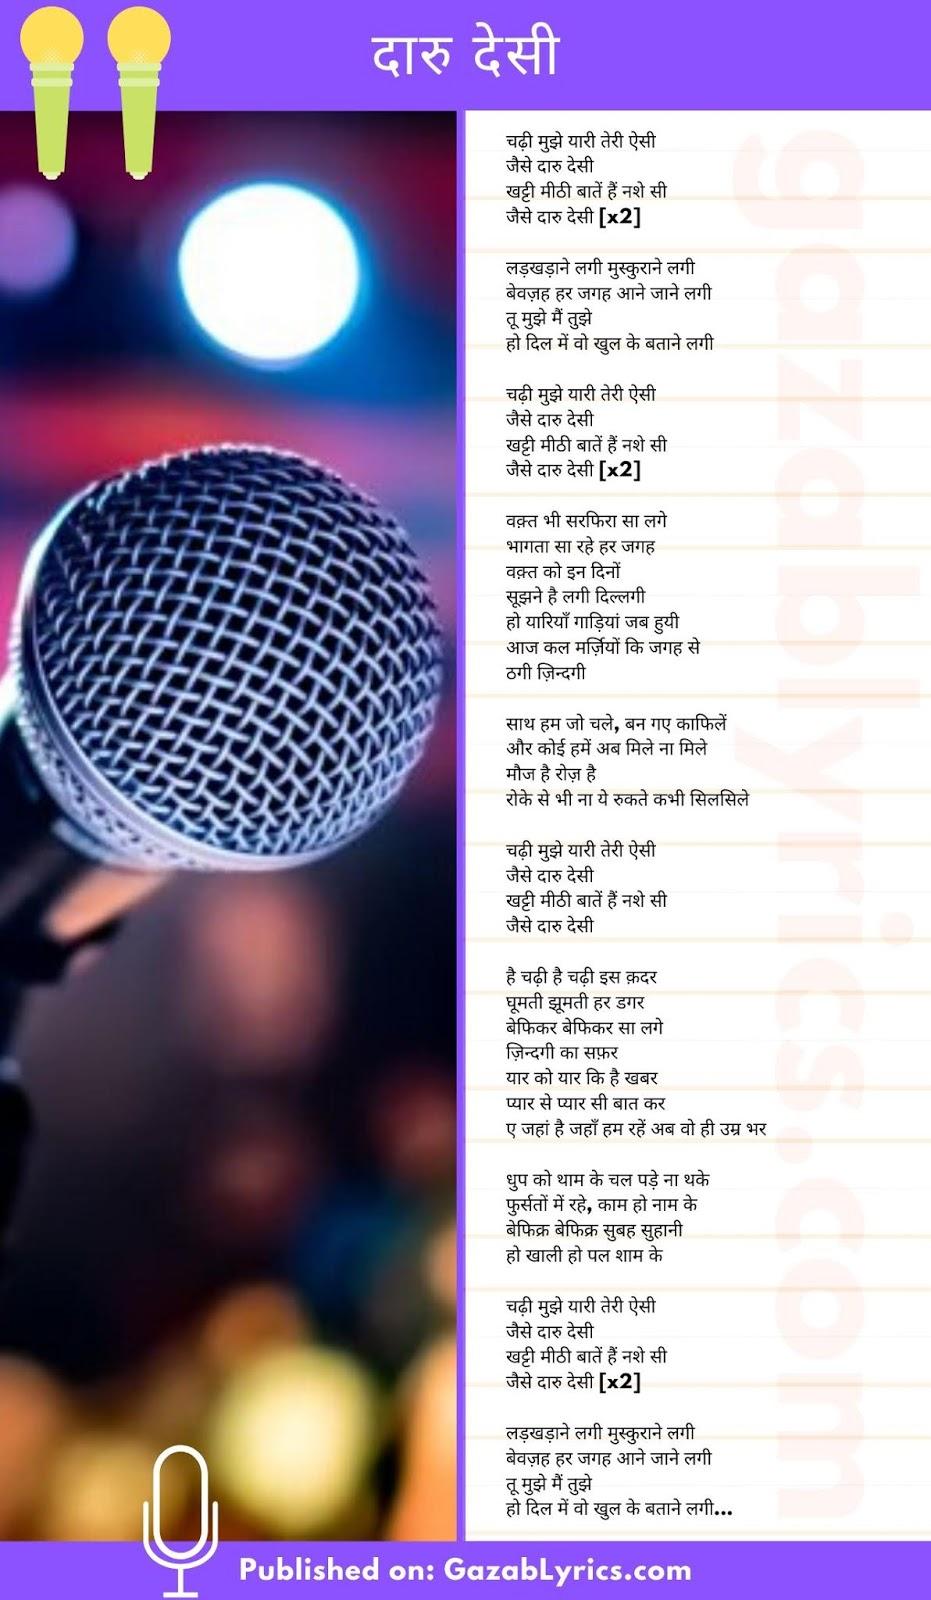 Daaru Desi song lyrics image